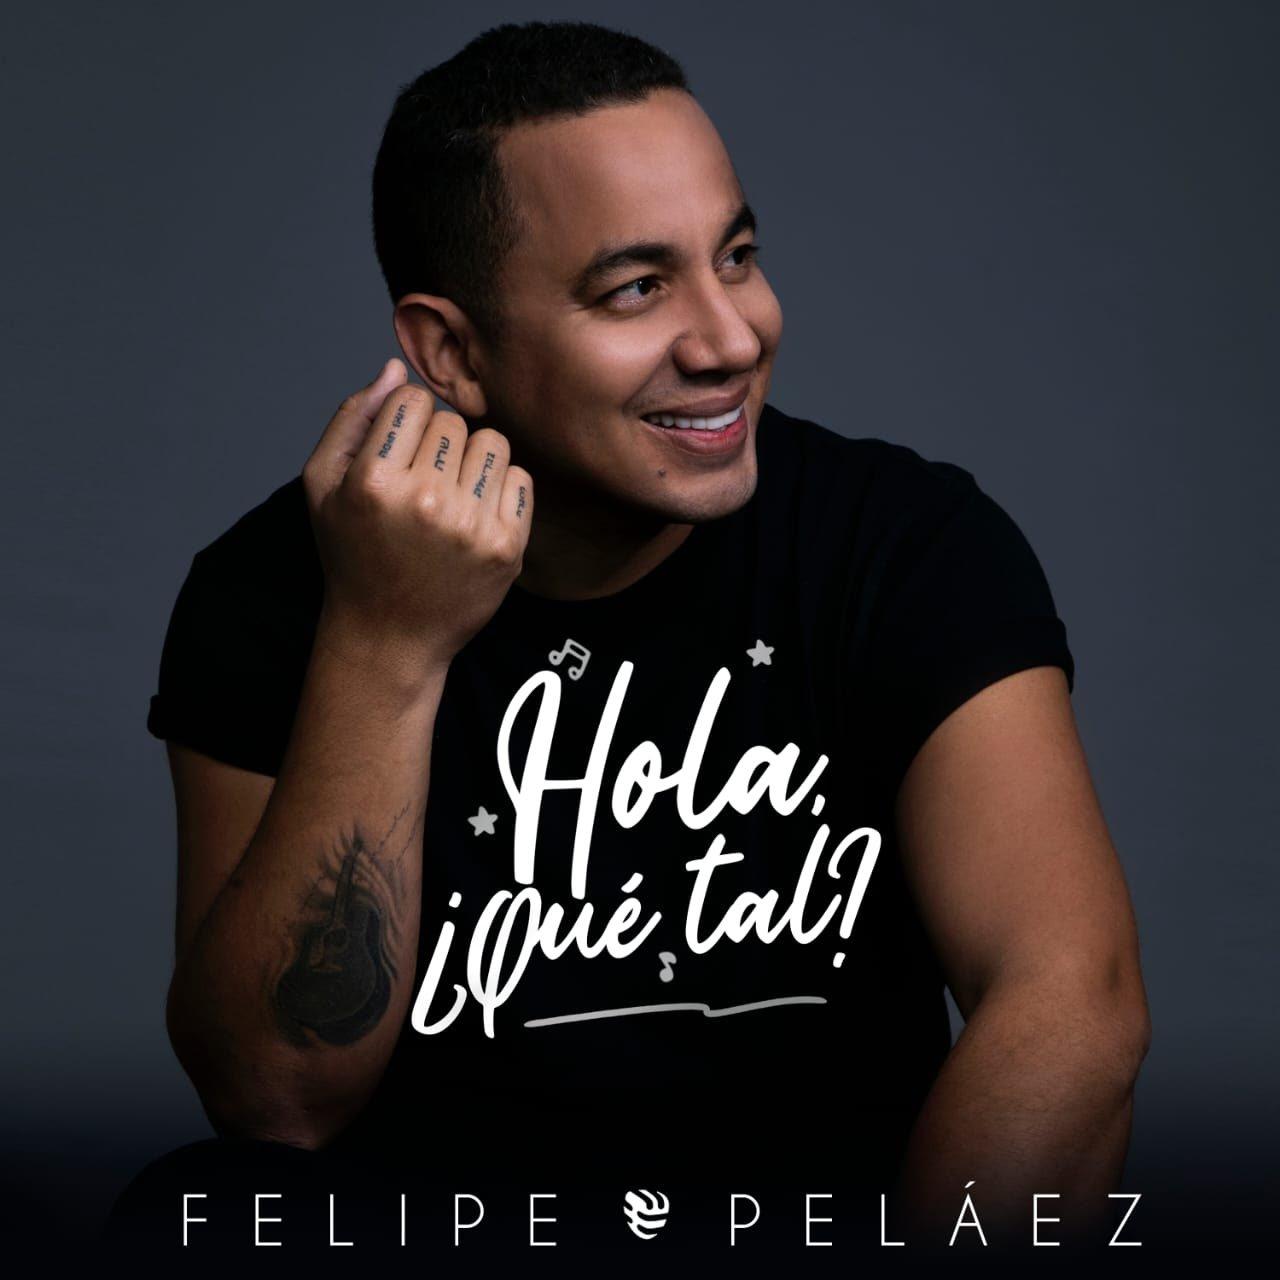 Felipe Peláez presentó su nueva canción